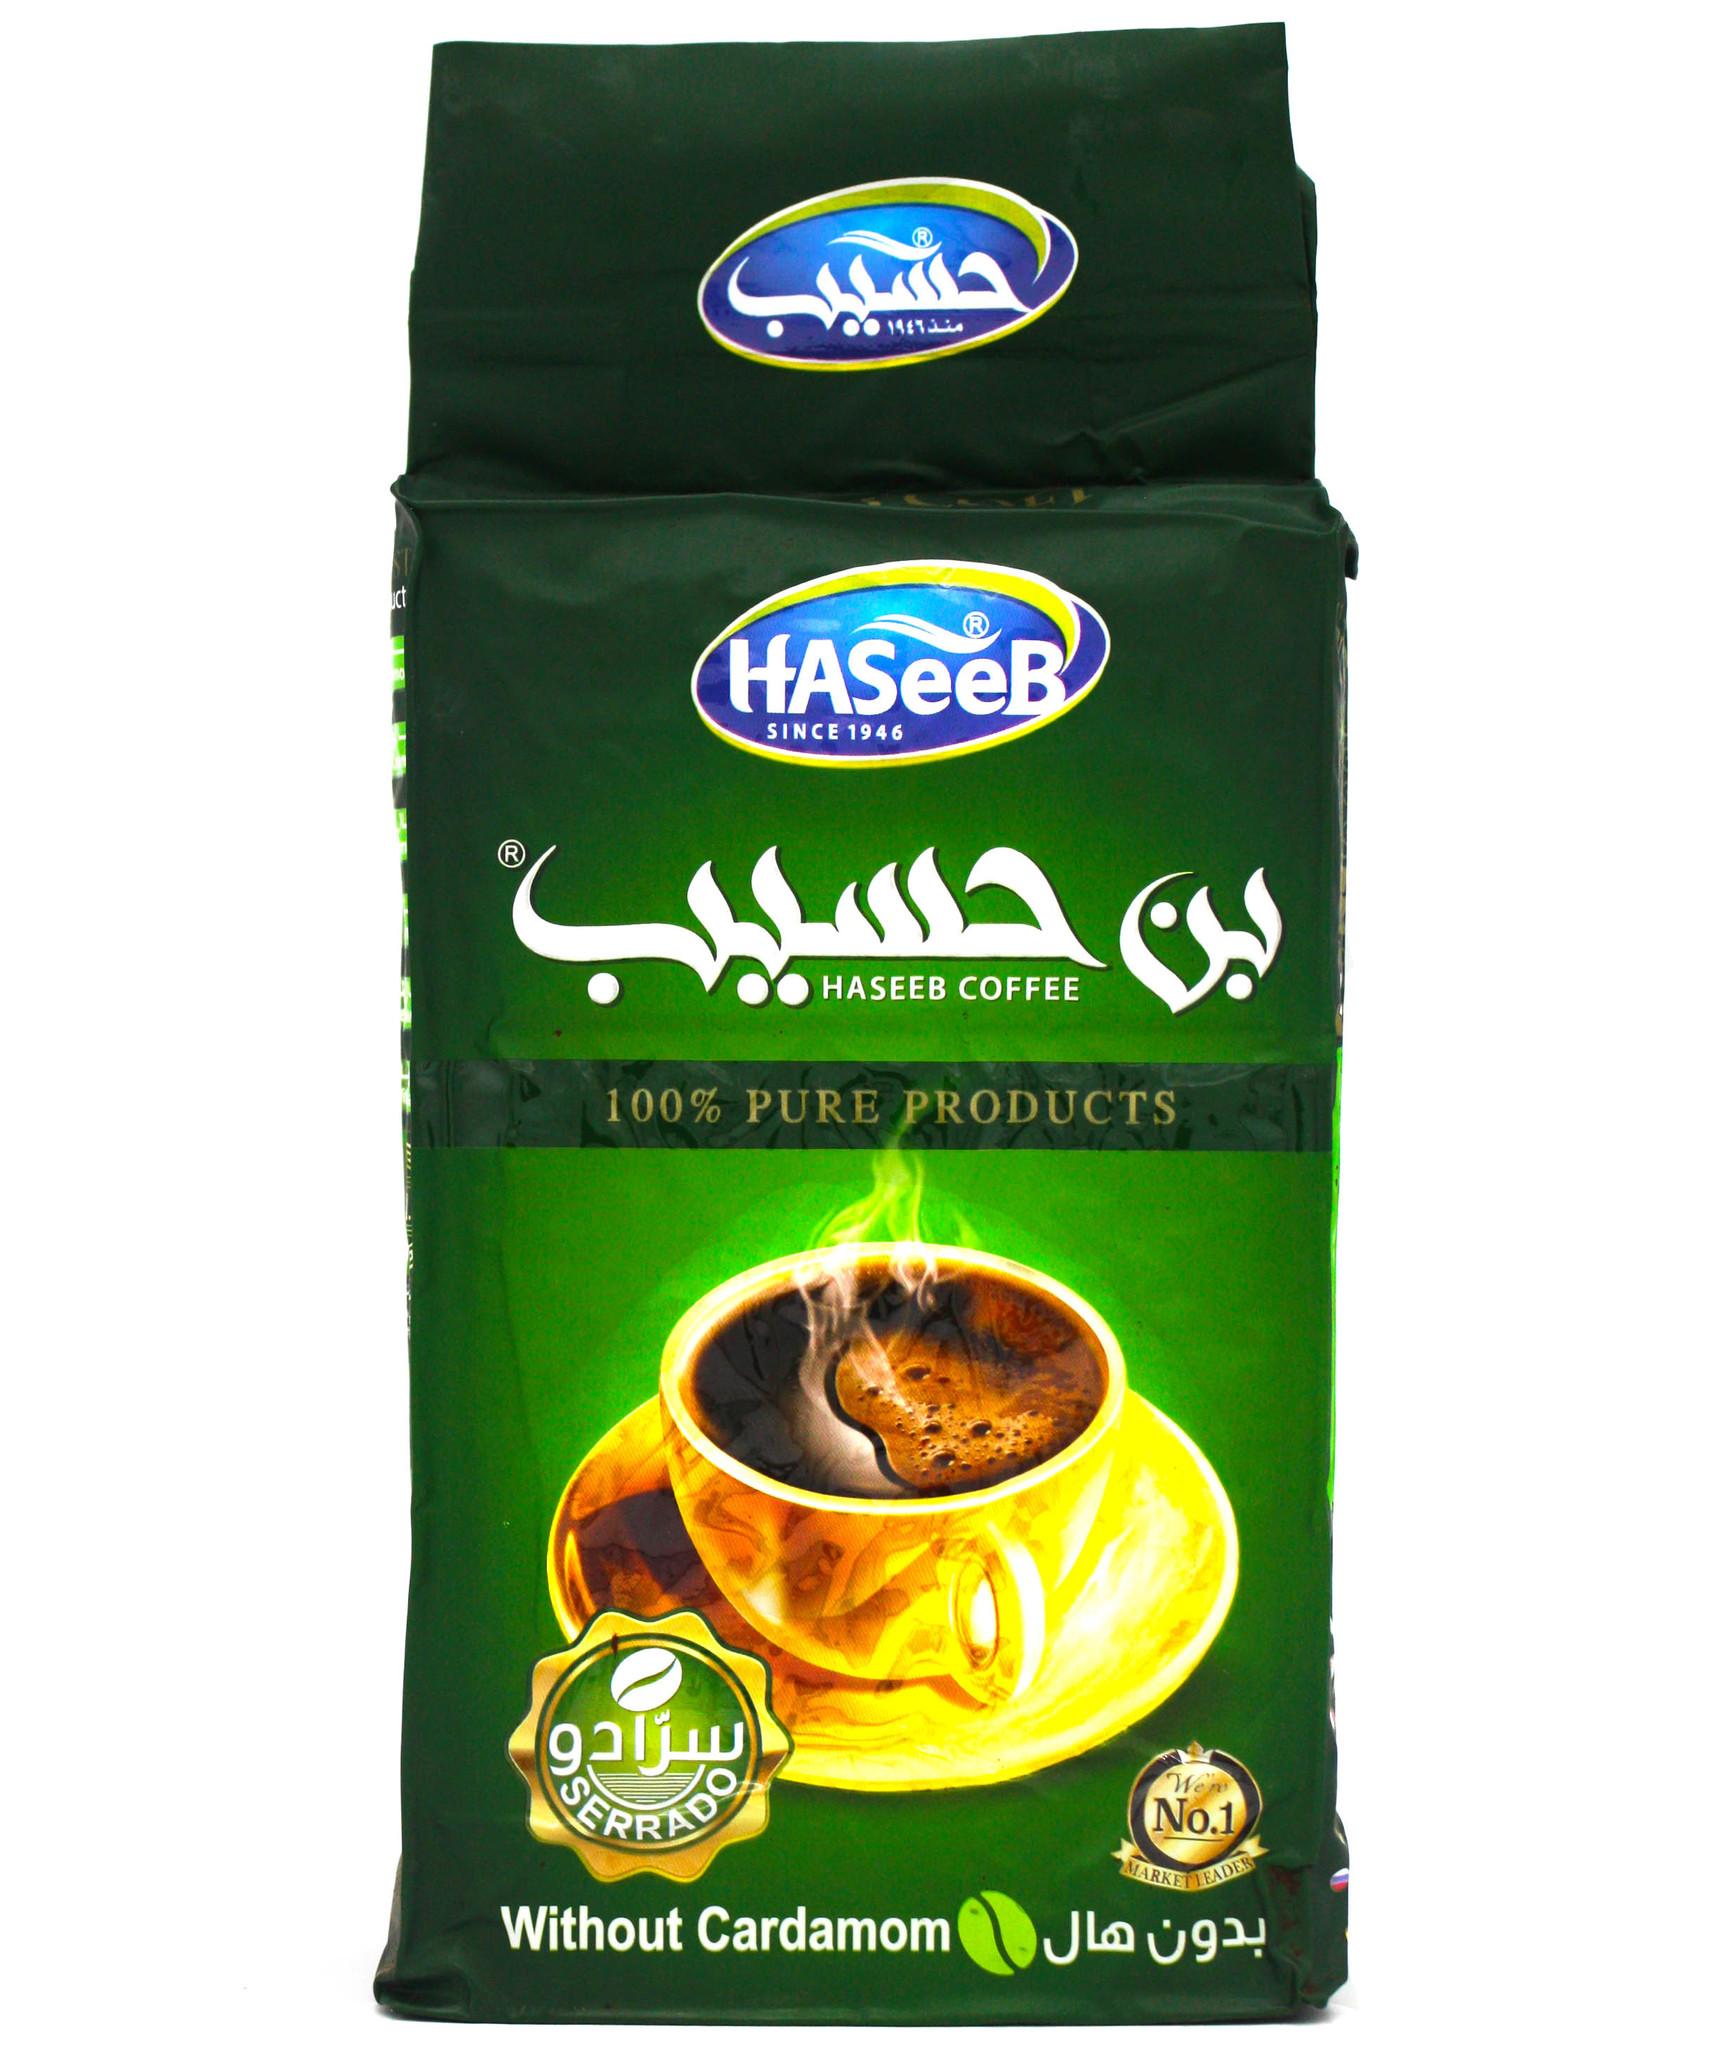 Кофе молотый Арабский кофе натуральный молотый, Haseeb, 500 г import_files_1e_1ef3f67b1b1a11e9a9a6484d7ecee297_1ef3f6921b1a11e9a9a6484d7ecee297.jpg